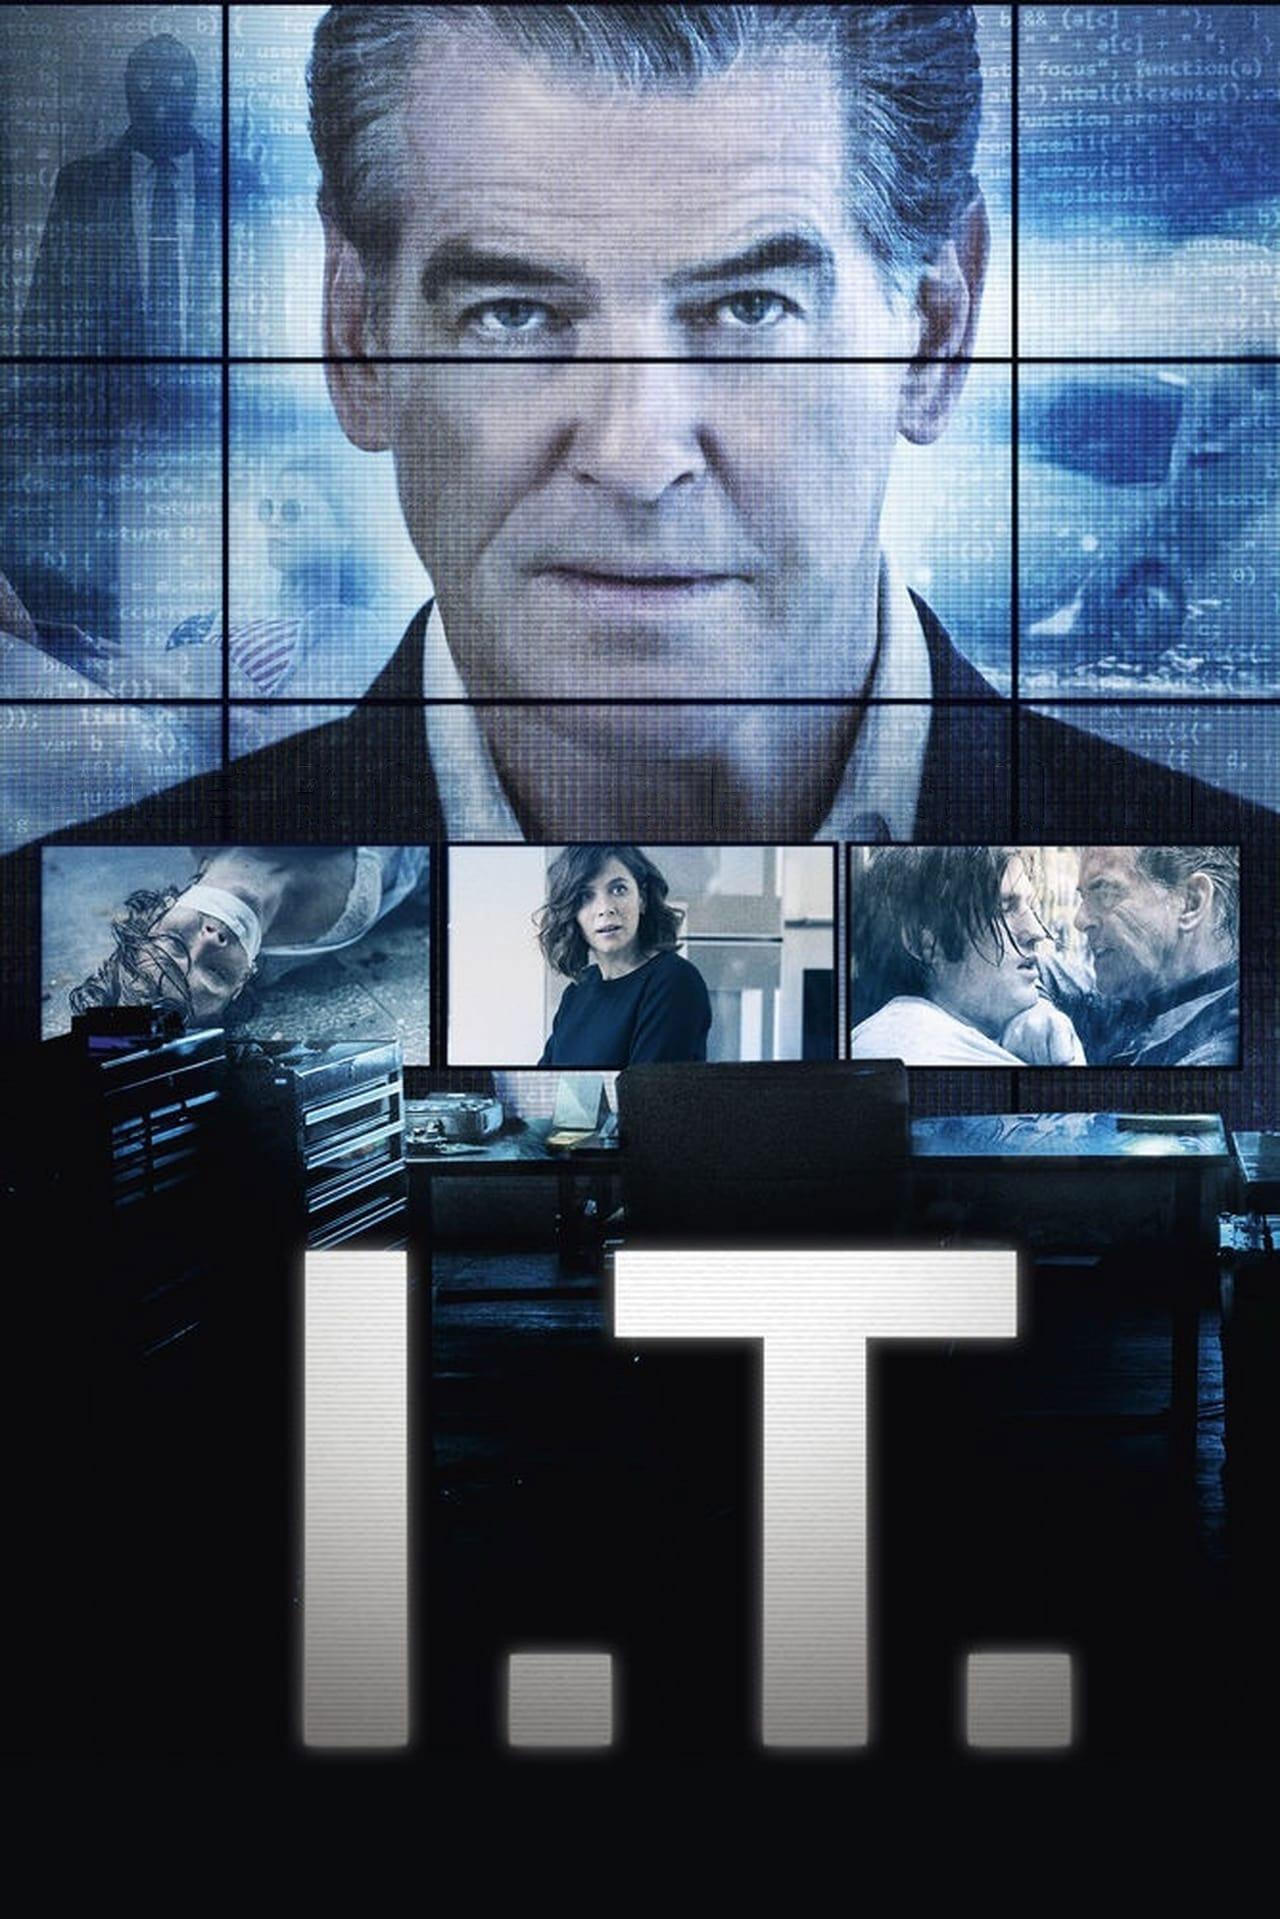 El Intruso (I.T.)